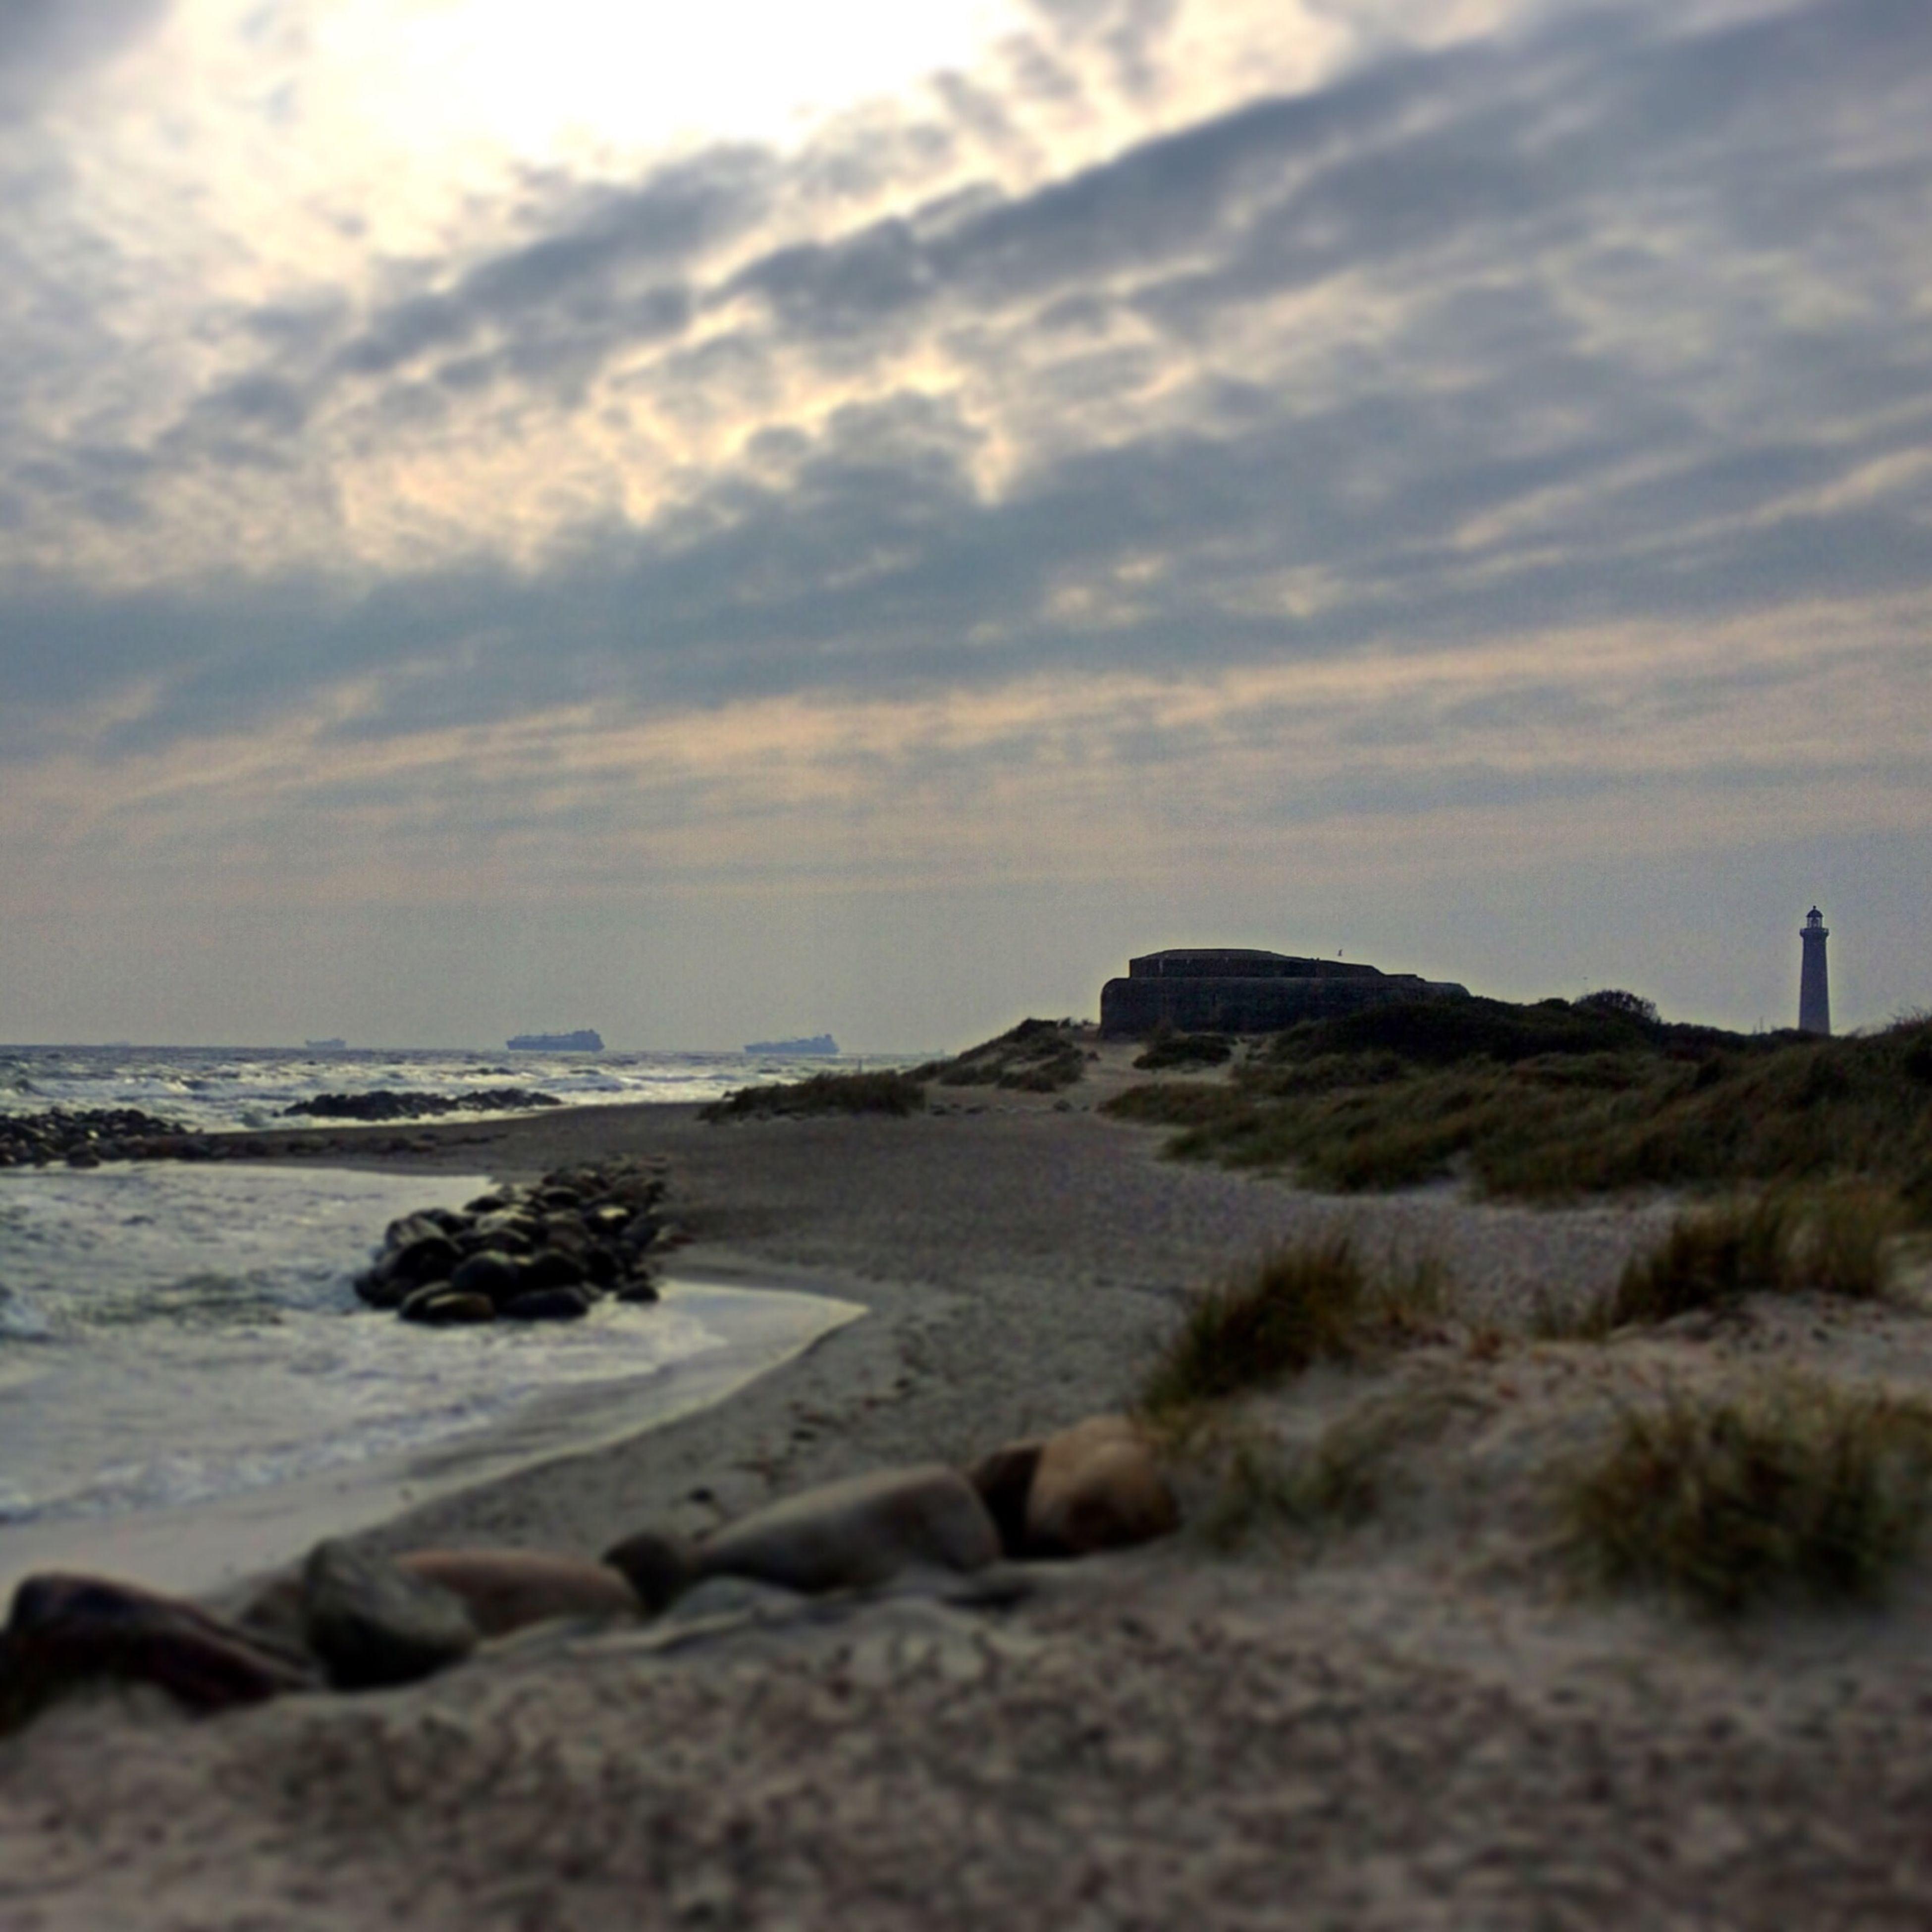 Skagerrak Holiday Enjoying Life Nature Excercising